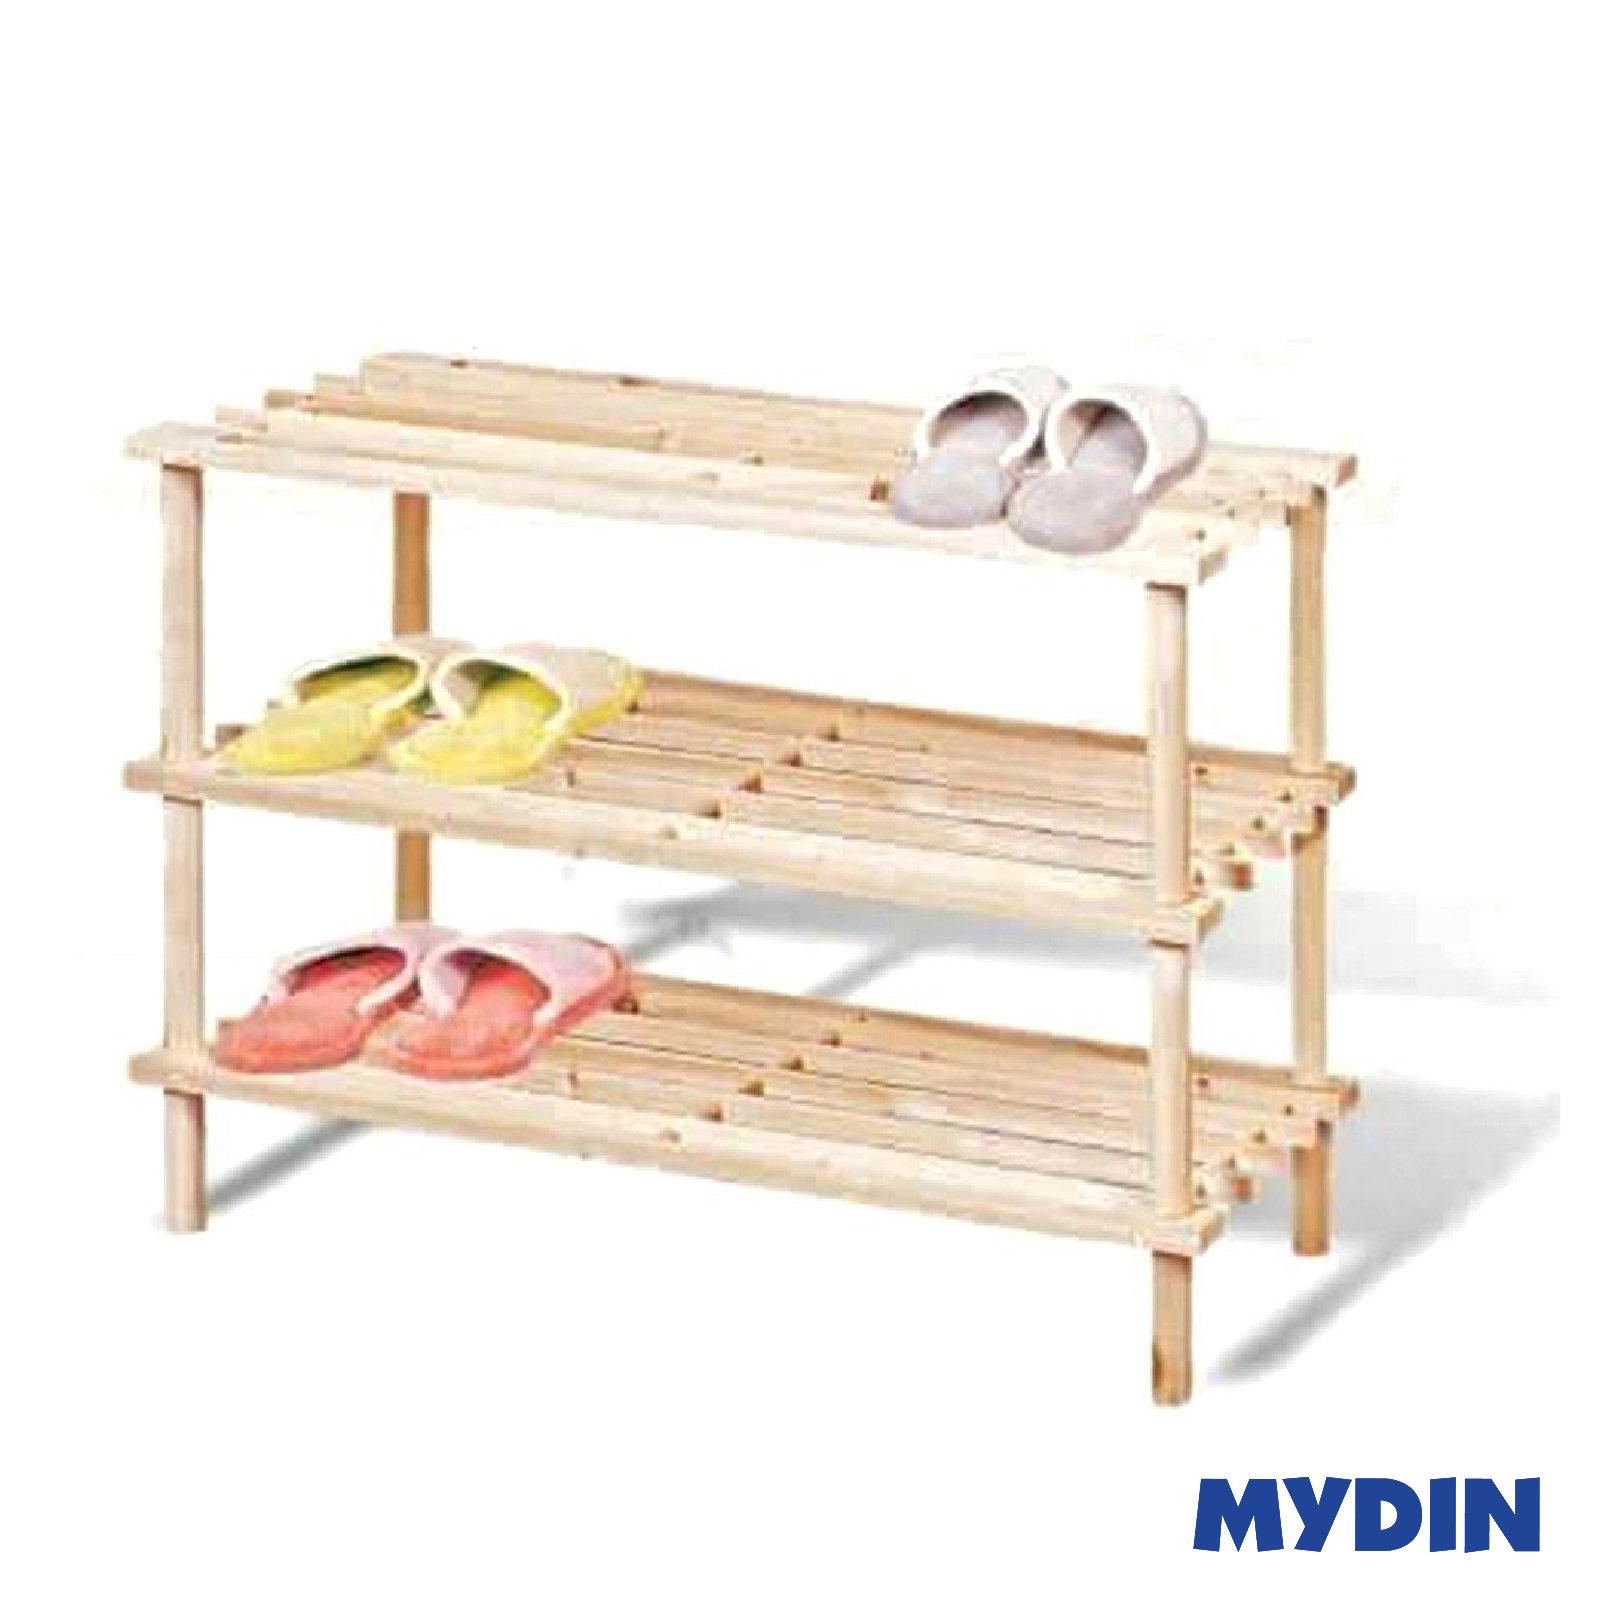 Comel Wooden Shoe Rack 3 Tier (63 x 26 x 48cm) MH-3TIER